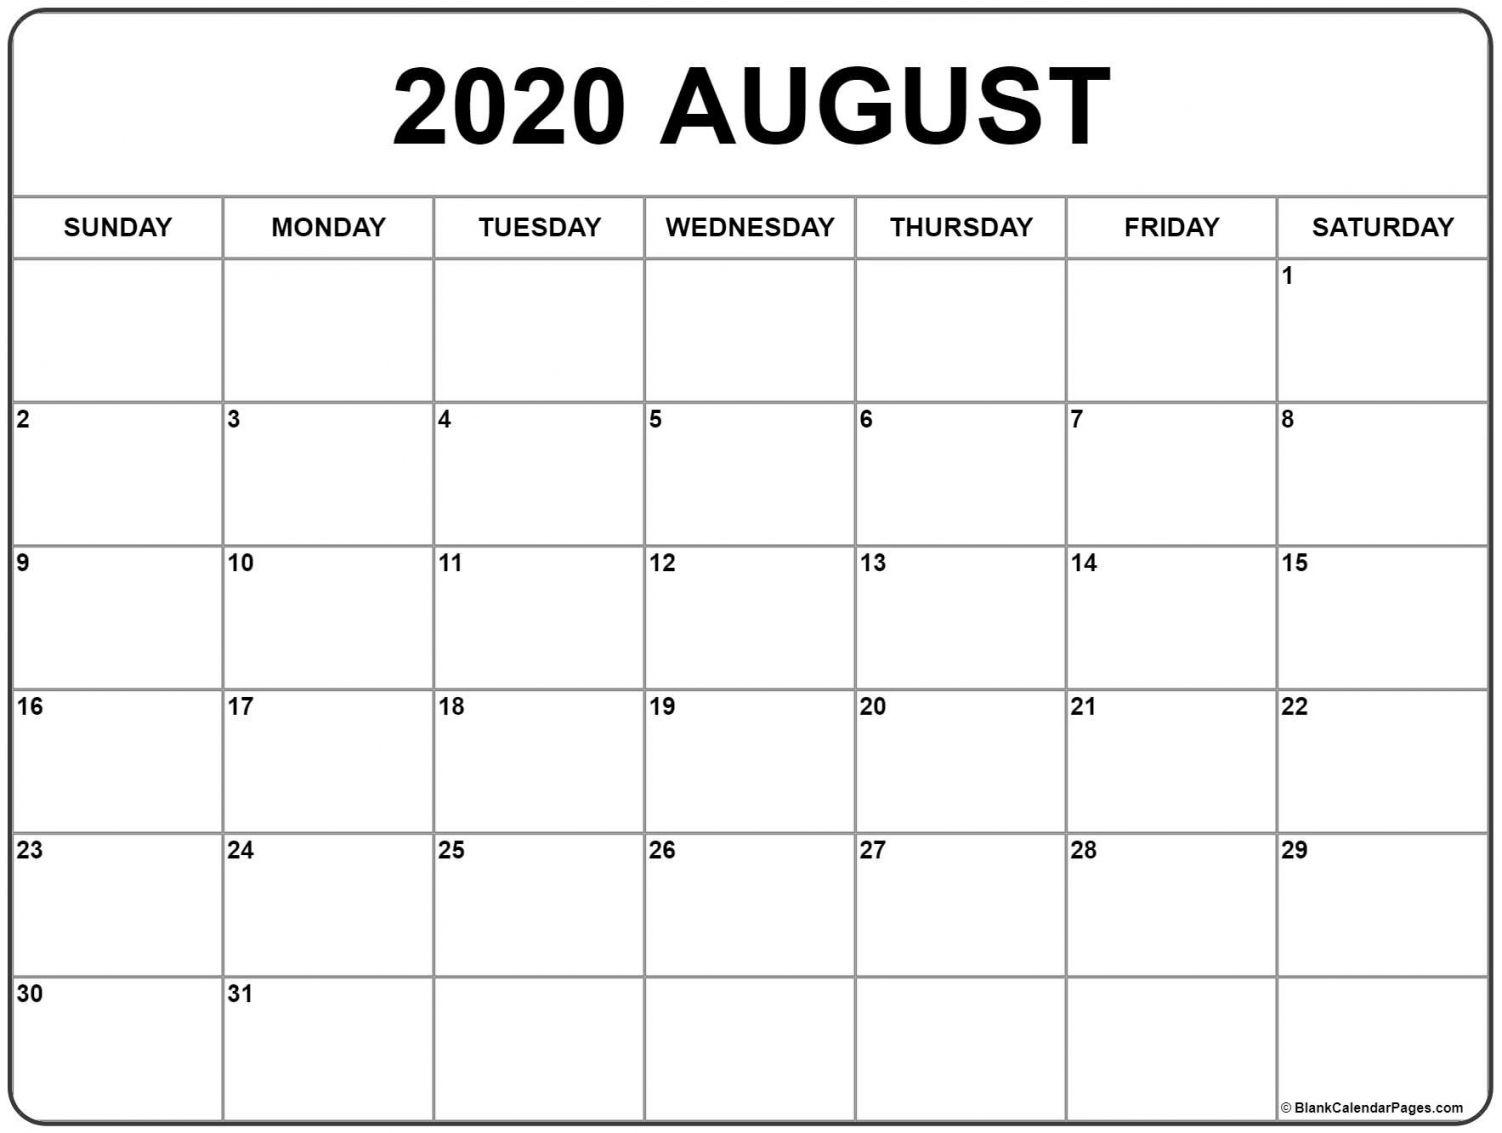 2020 August Calendar Printable Di 2020